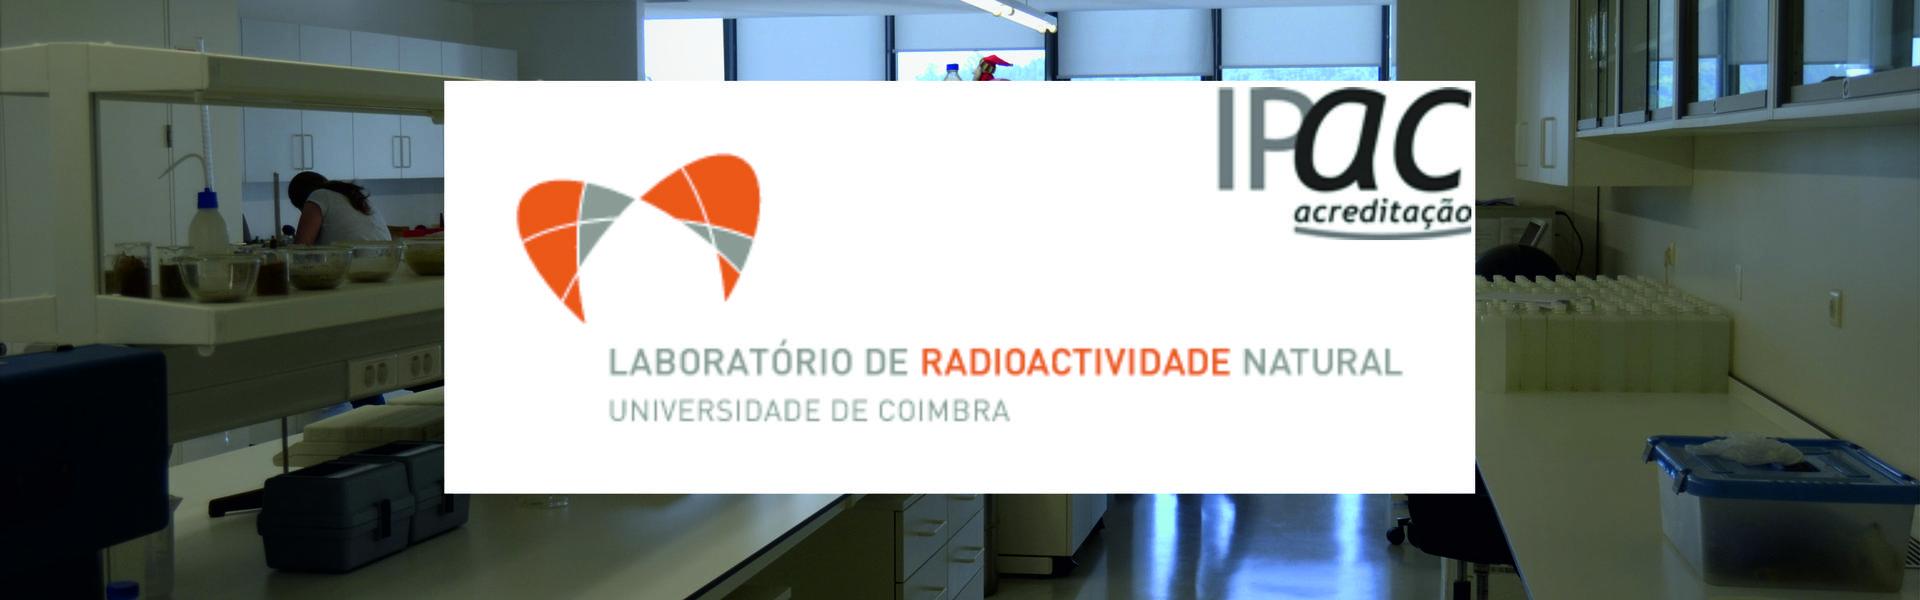 Laboratório de Radioatividade Natural_IPAC_Acreditação Laboratorial_ Norma NP EN ISO/IEC 17025